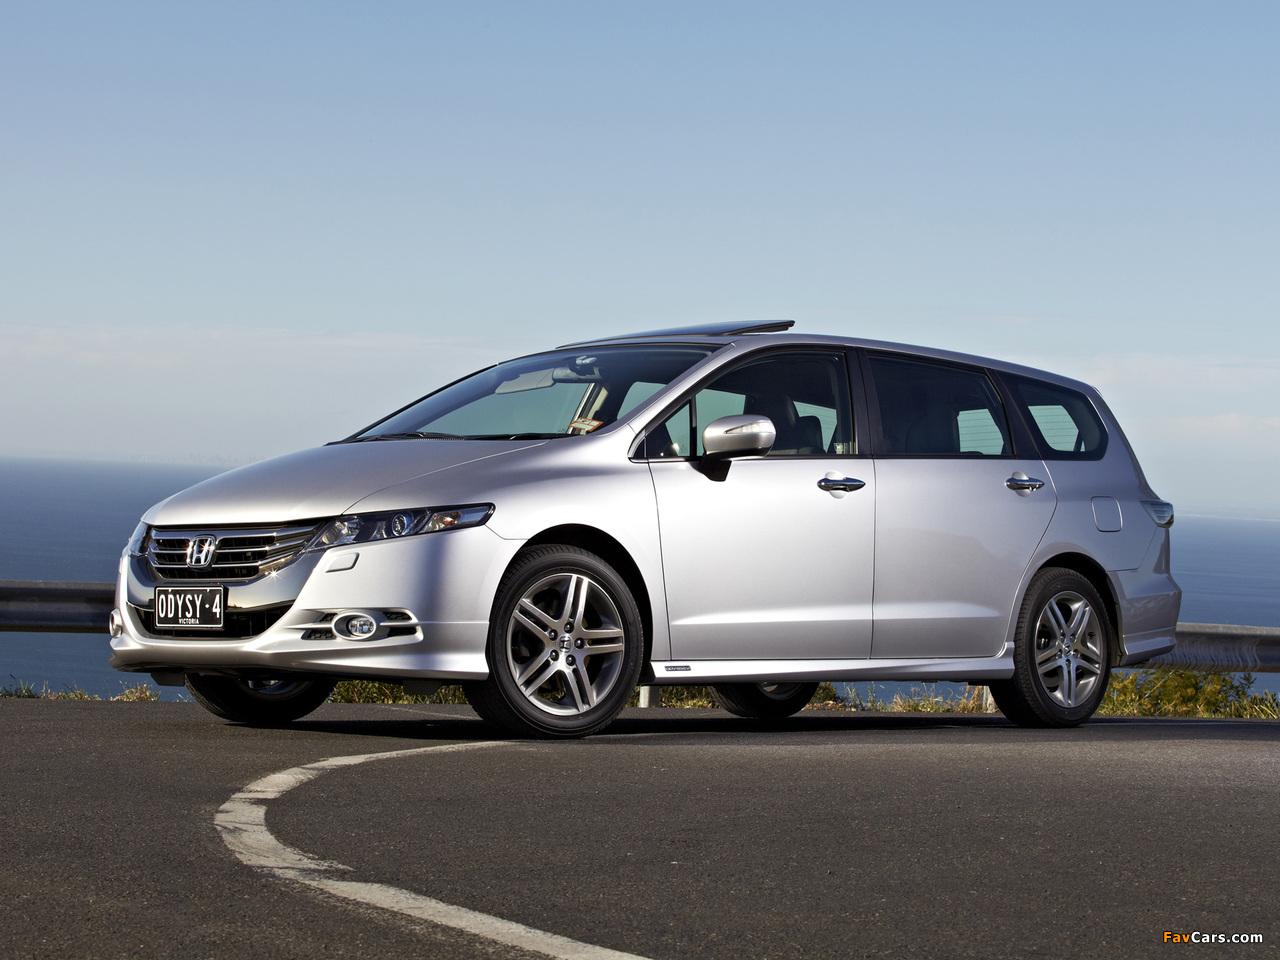 Honda Odyssey Au Spec Rb3 2011 Photos 1280x960